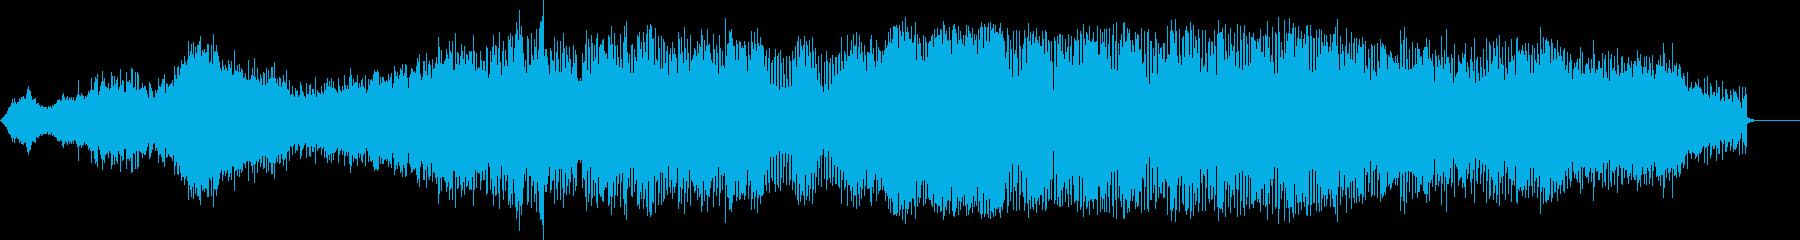 サイエンスタッチのトランステクノ/ポップの再生済みの波形